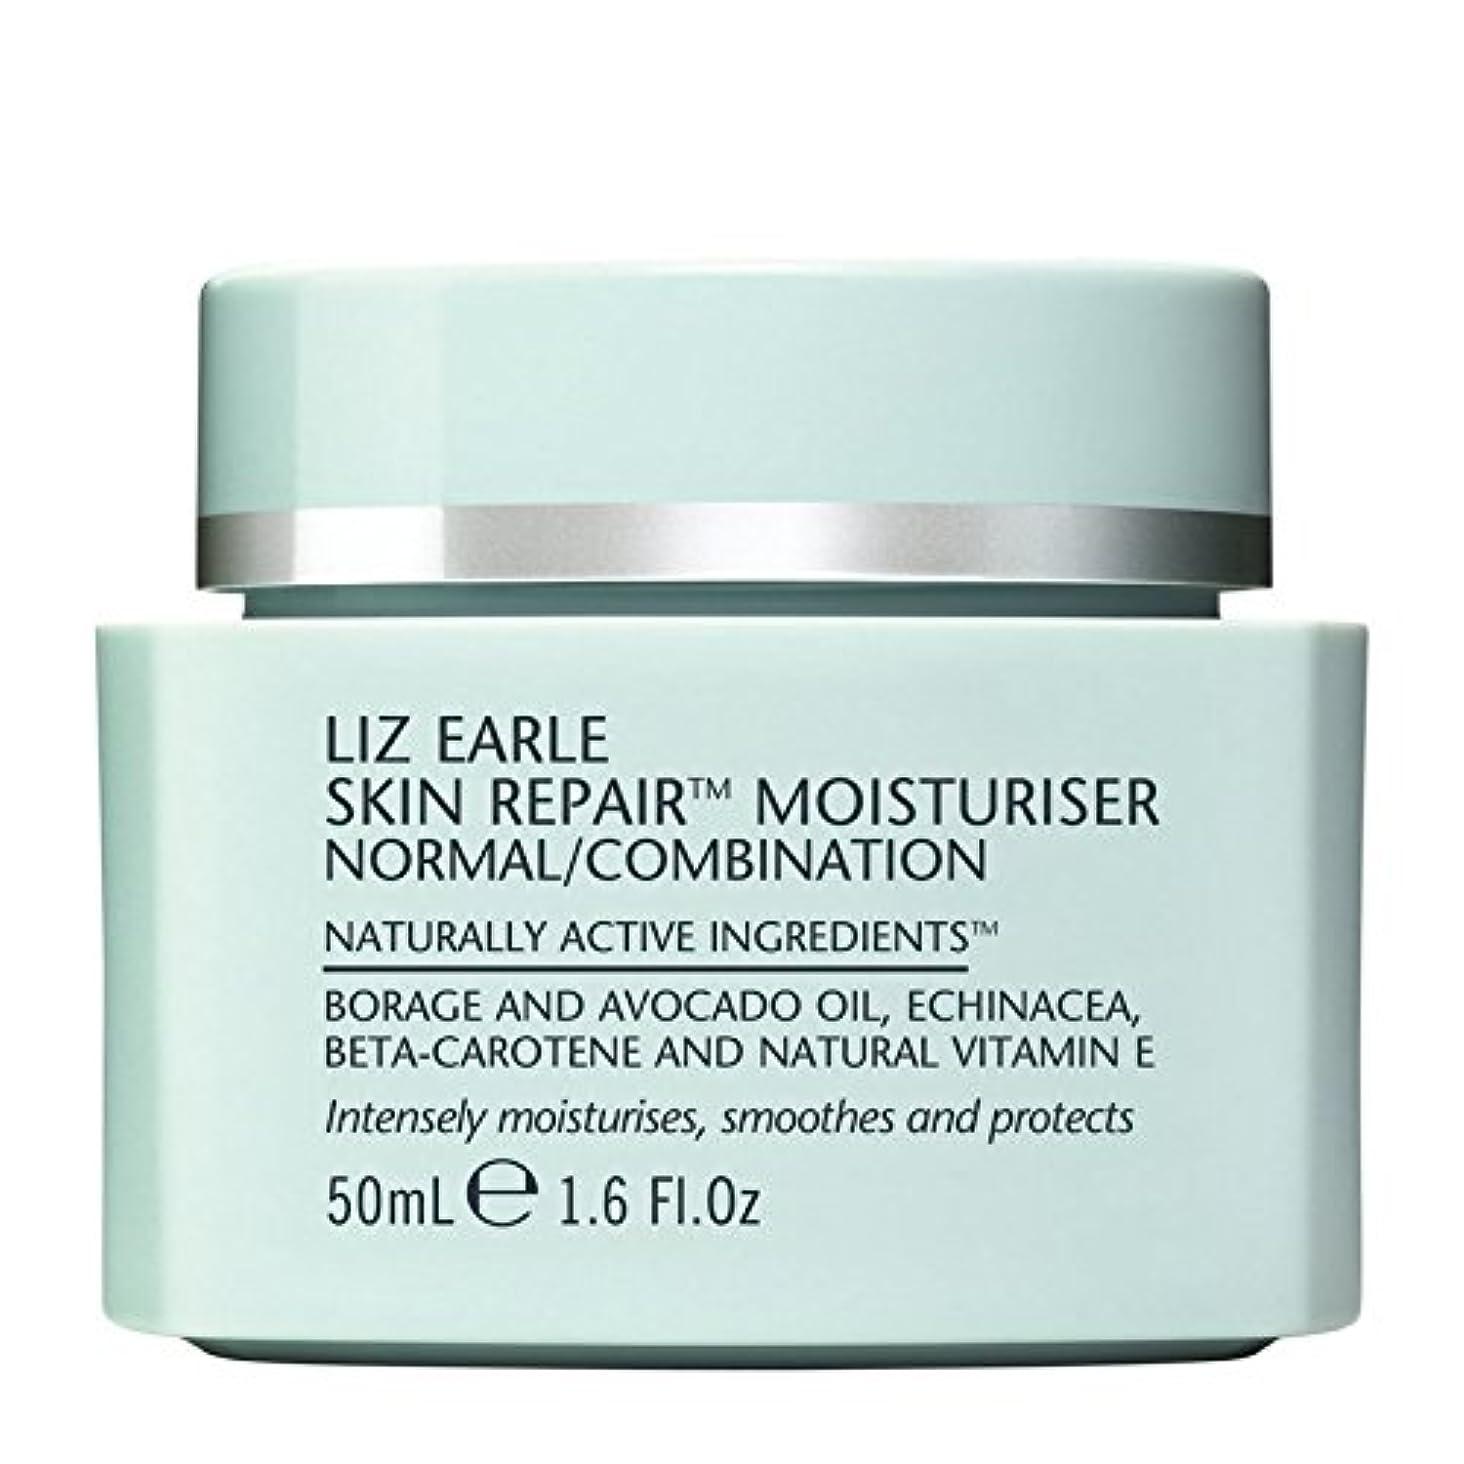 出費真面目な誰もLiz Earle Skin Repair Moisturiser Normal/Combination 50ml - リズアールスキンリペアモイスチャライザーノーマル/コンビネーション50ミリリットル [並行輸入品]